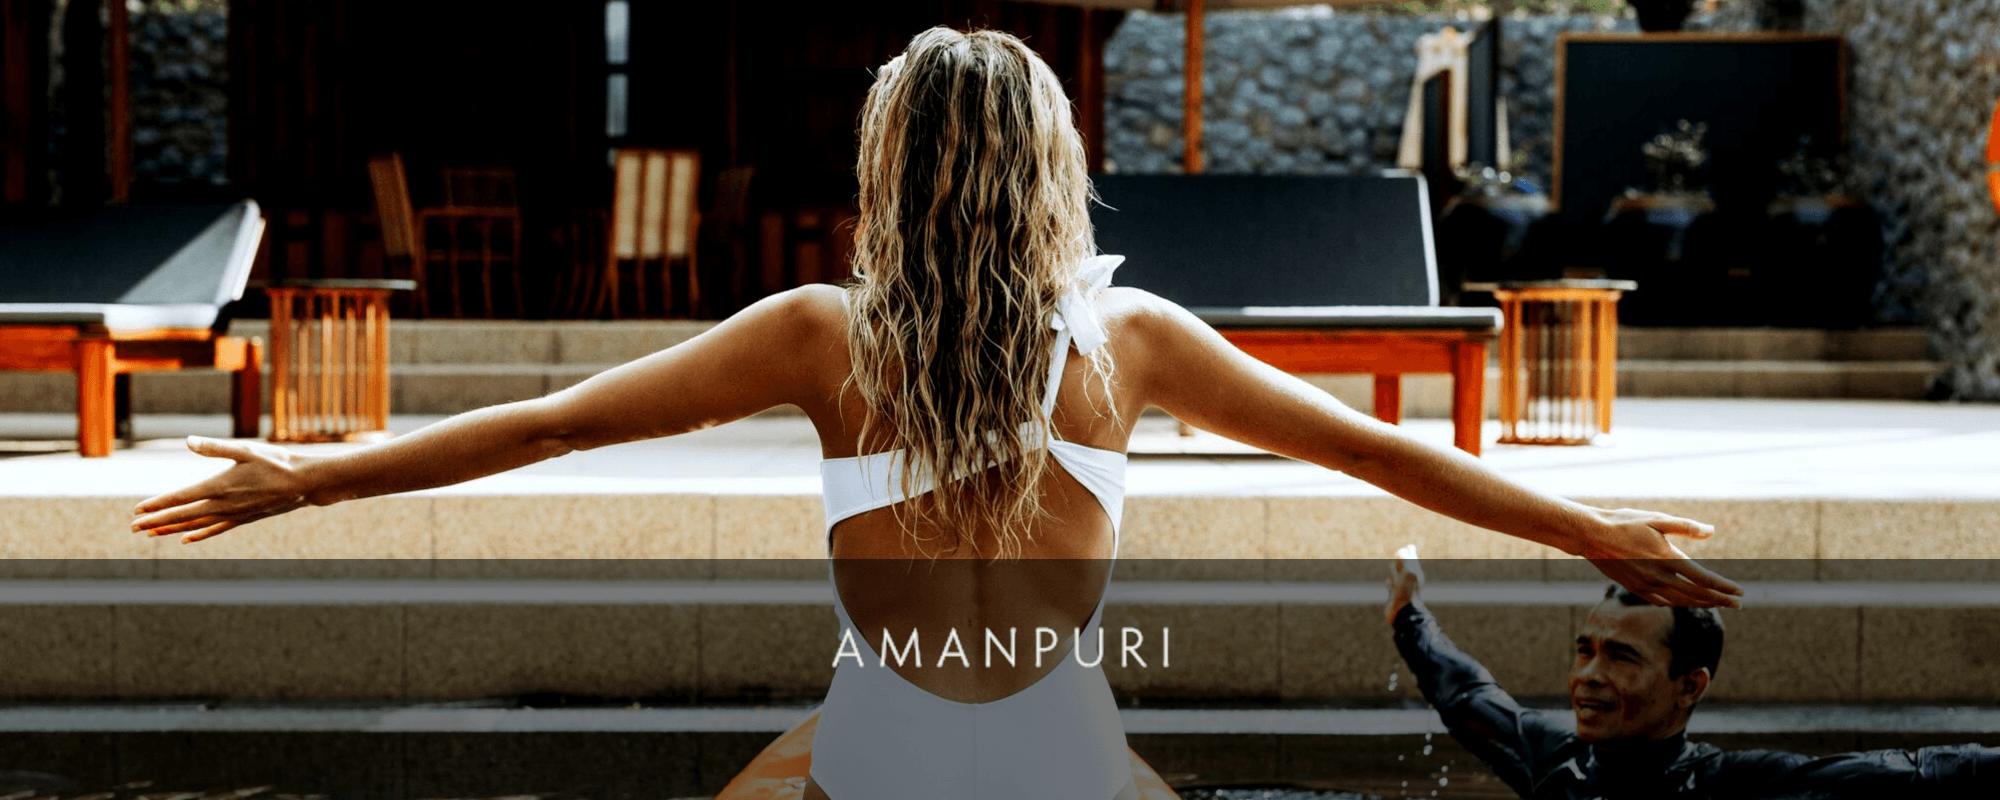 Amanpuri Thailand - fivestardestination slider xy